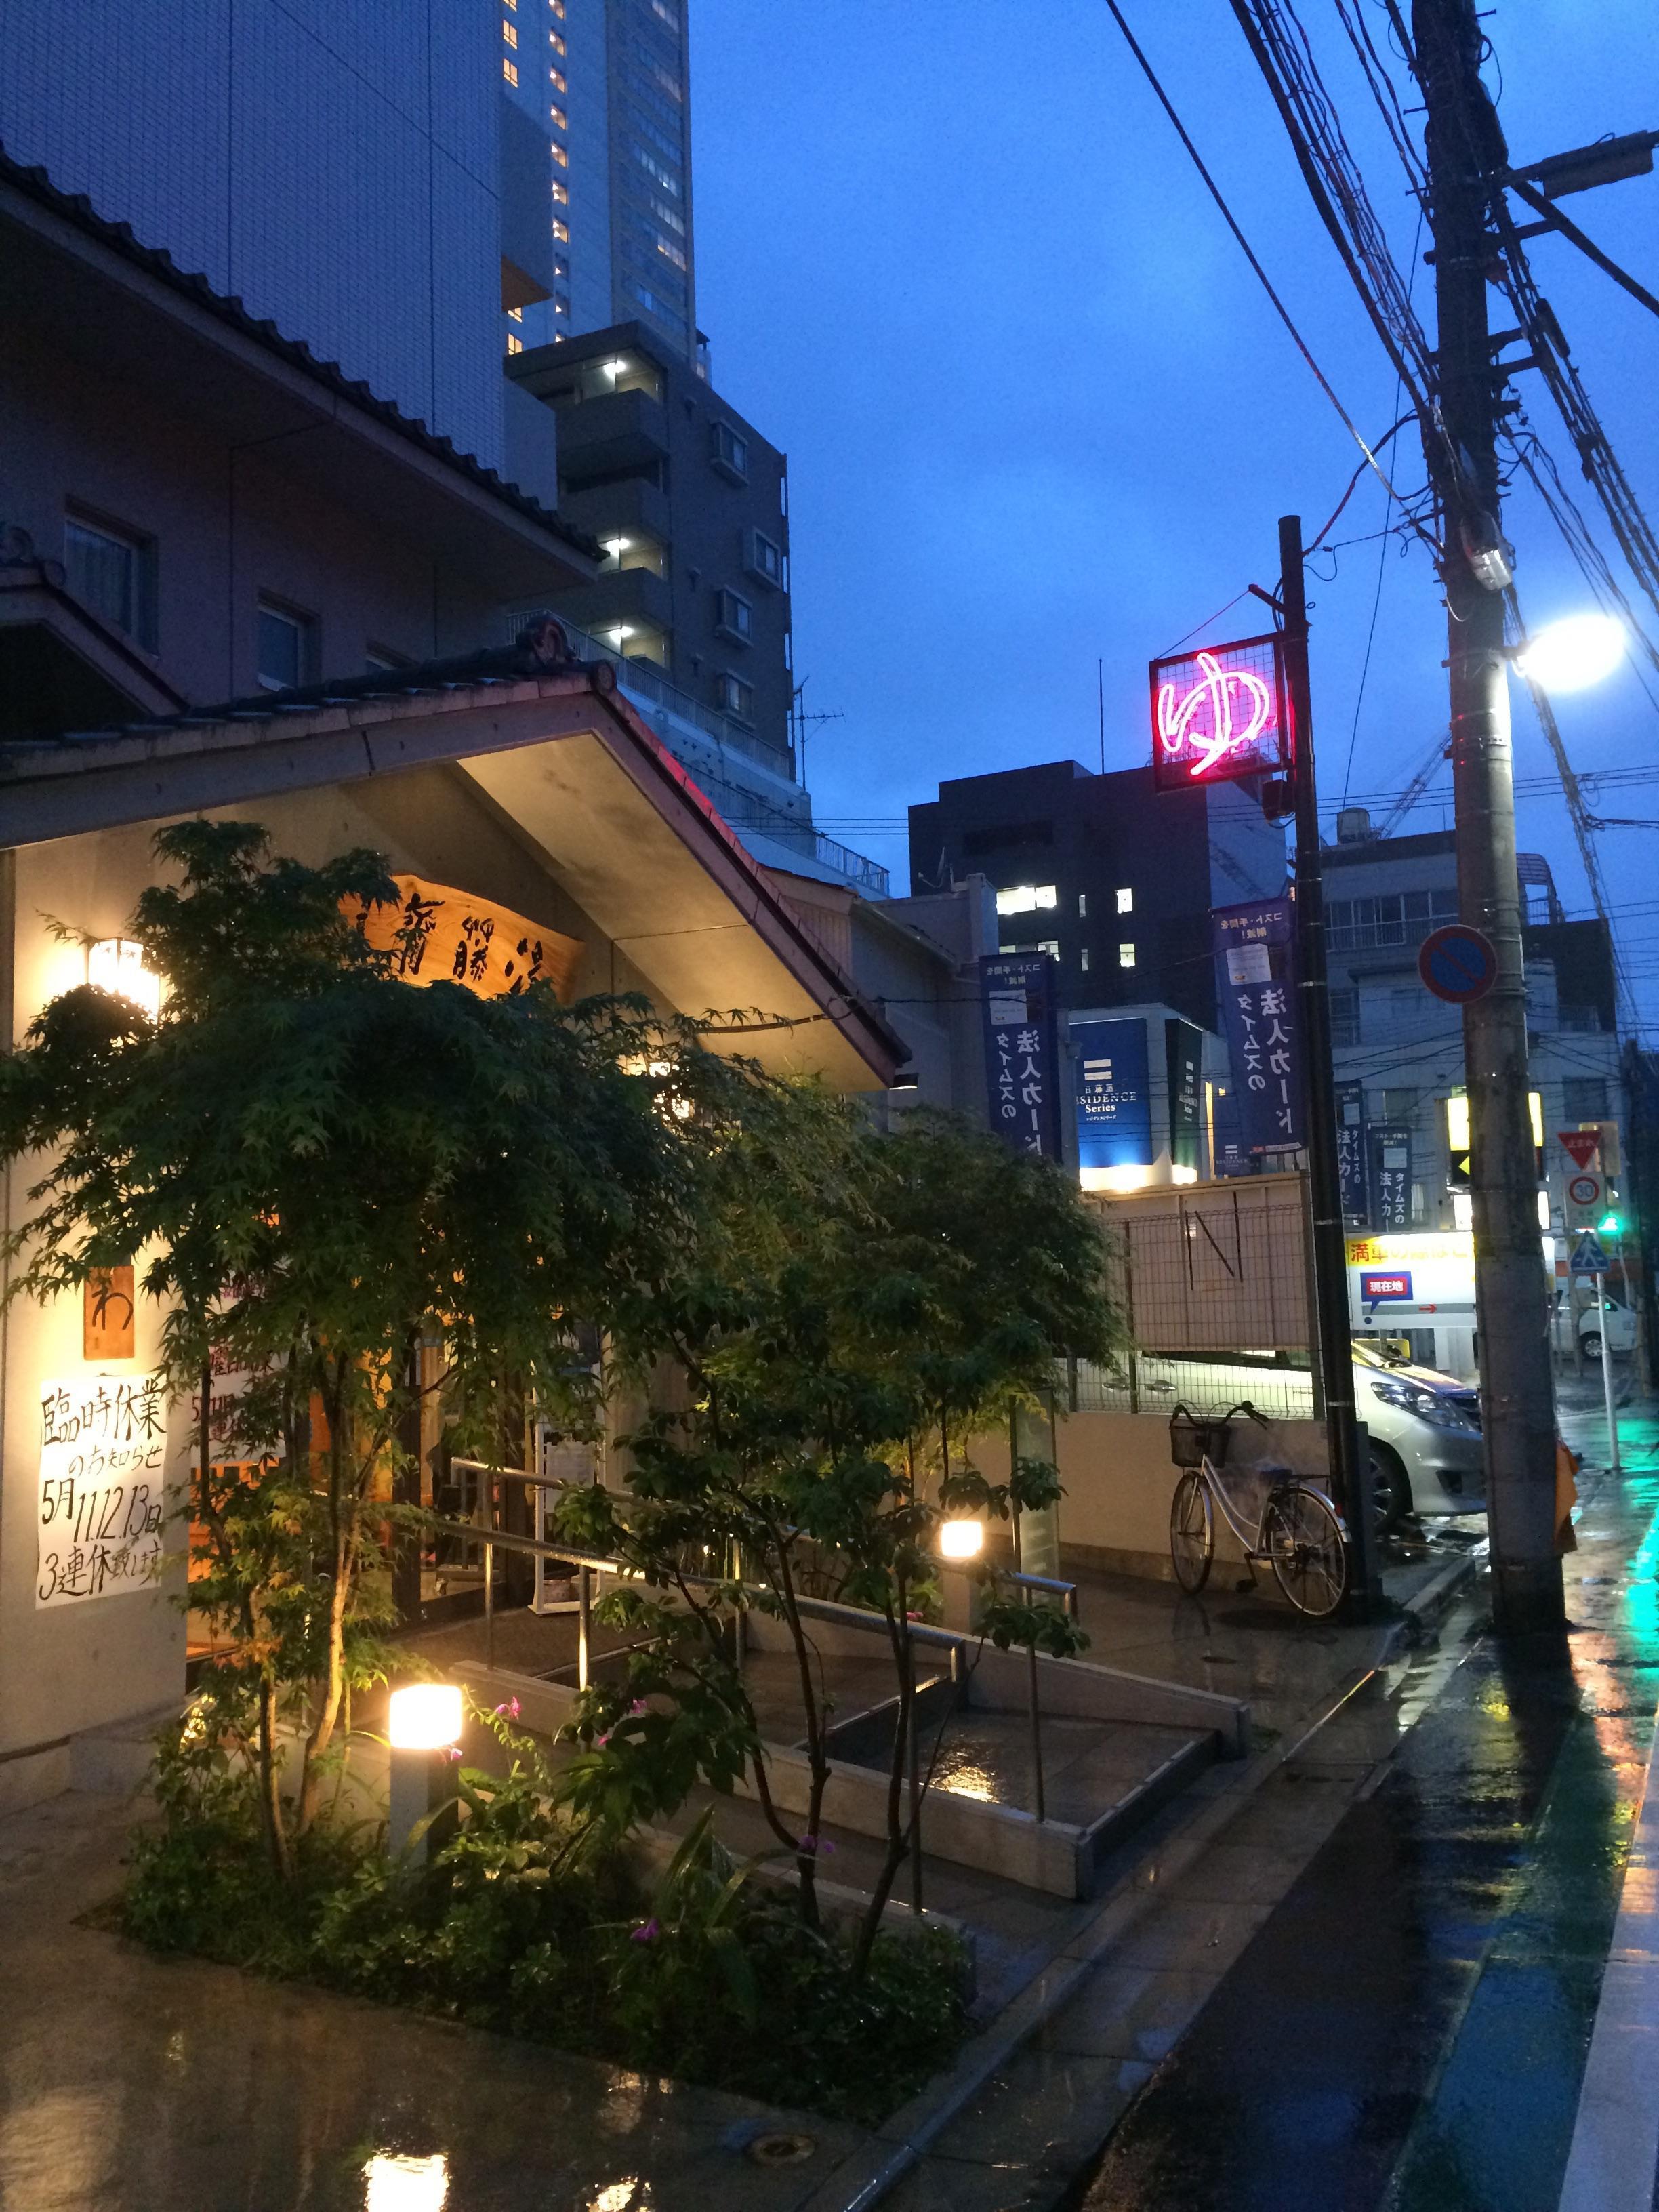 http://www.saito-yu.com/blog/9a153cb0d6c11f4e1d24cd4c3700d4221f45e52a.jpg